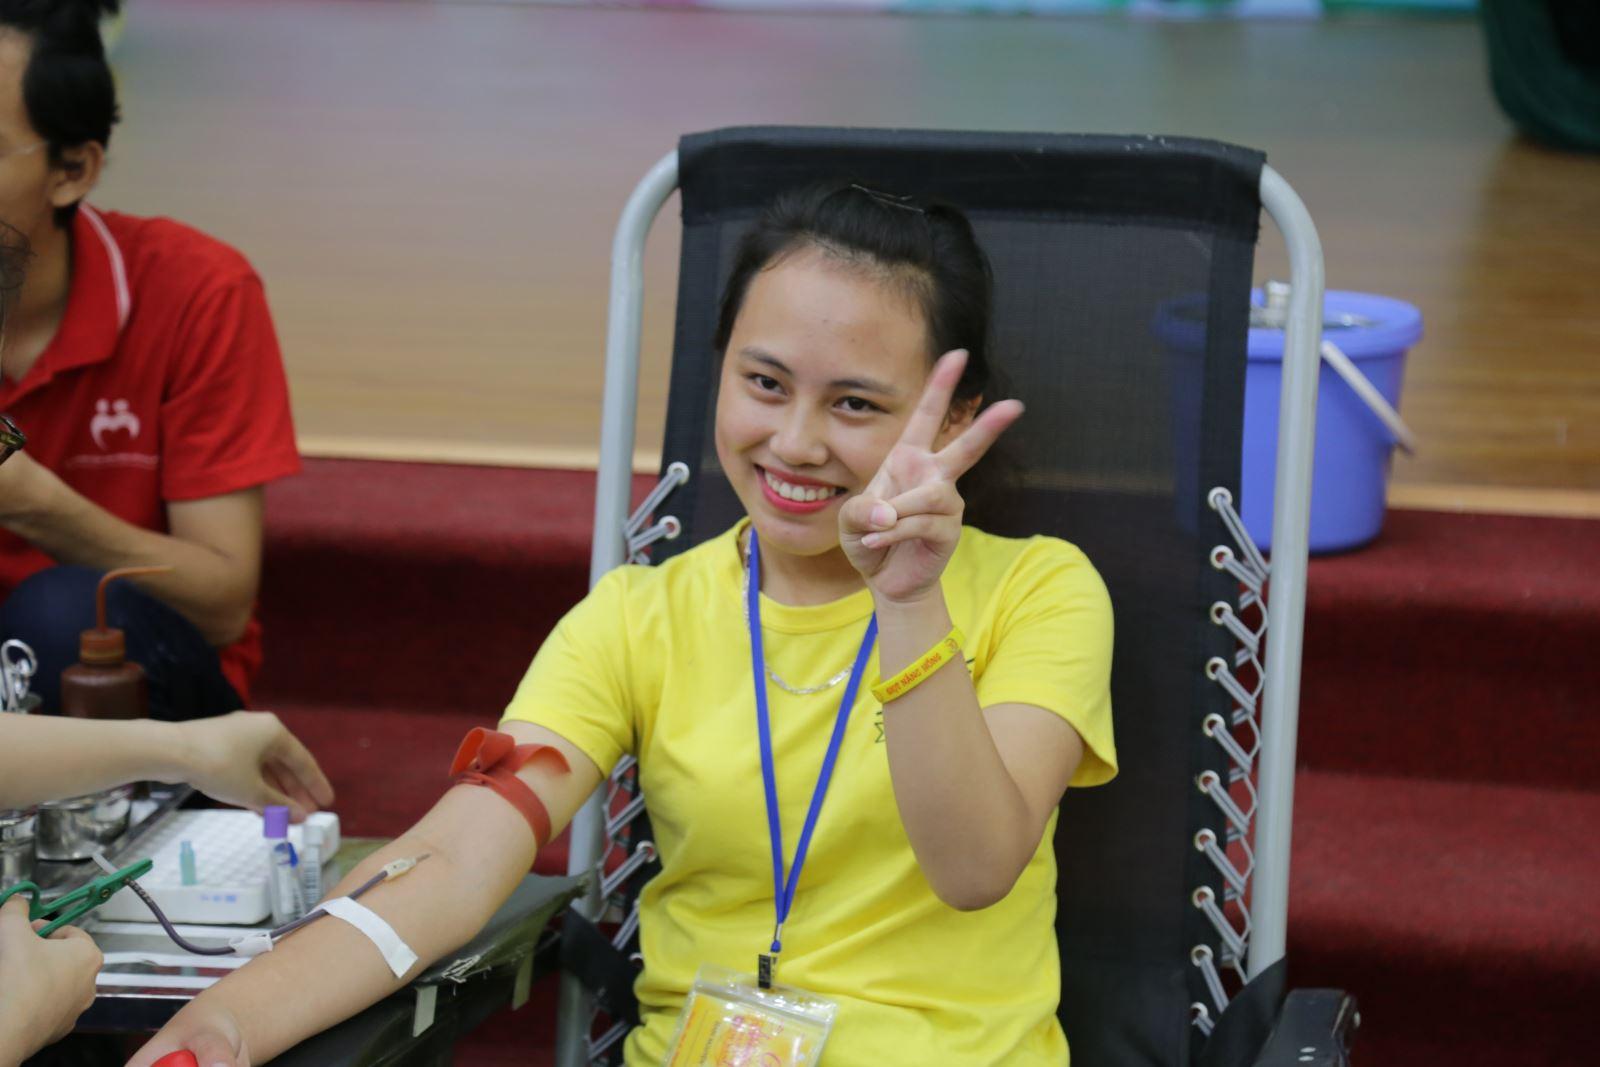 Đoàn Thanh niên Học viện Phụ nữ Việt Nam tổ chức chương trình hiến máu Giọt nắng hồng lần thứ 6